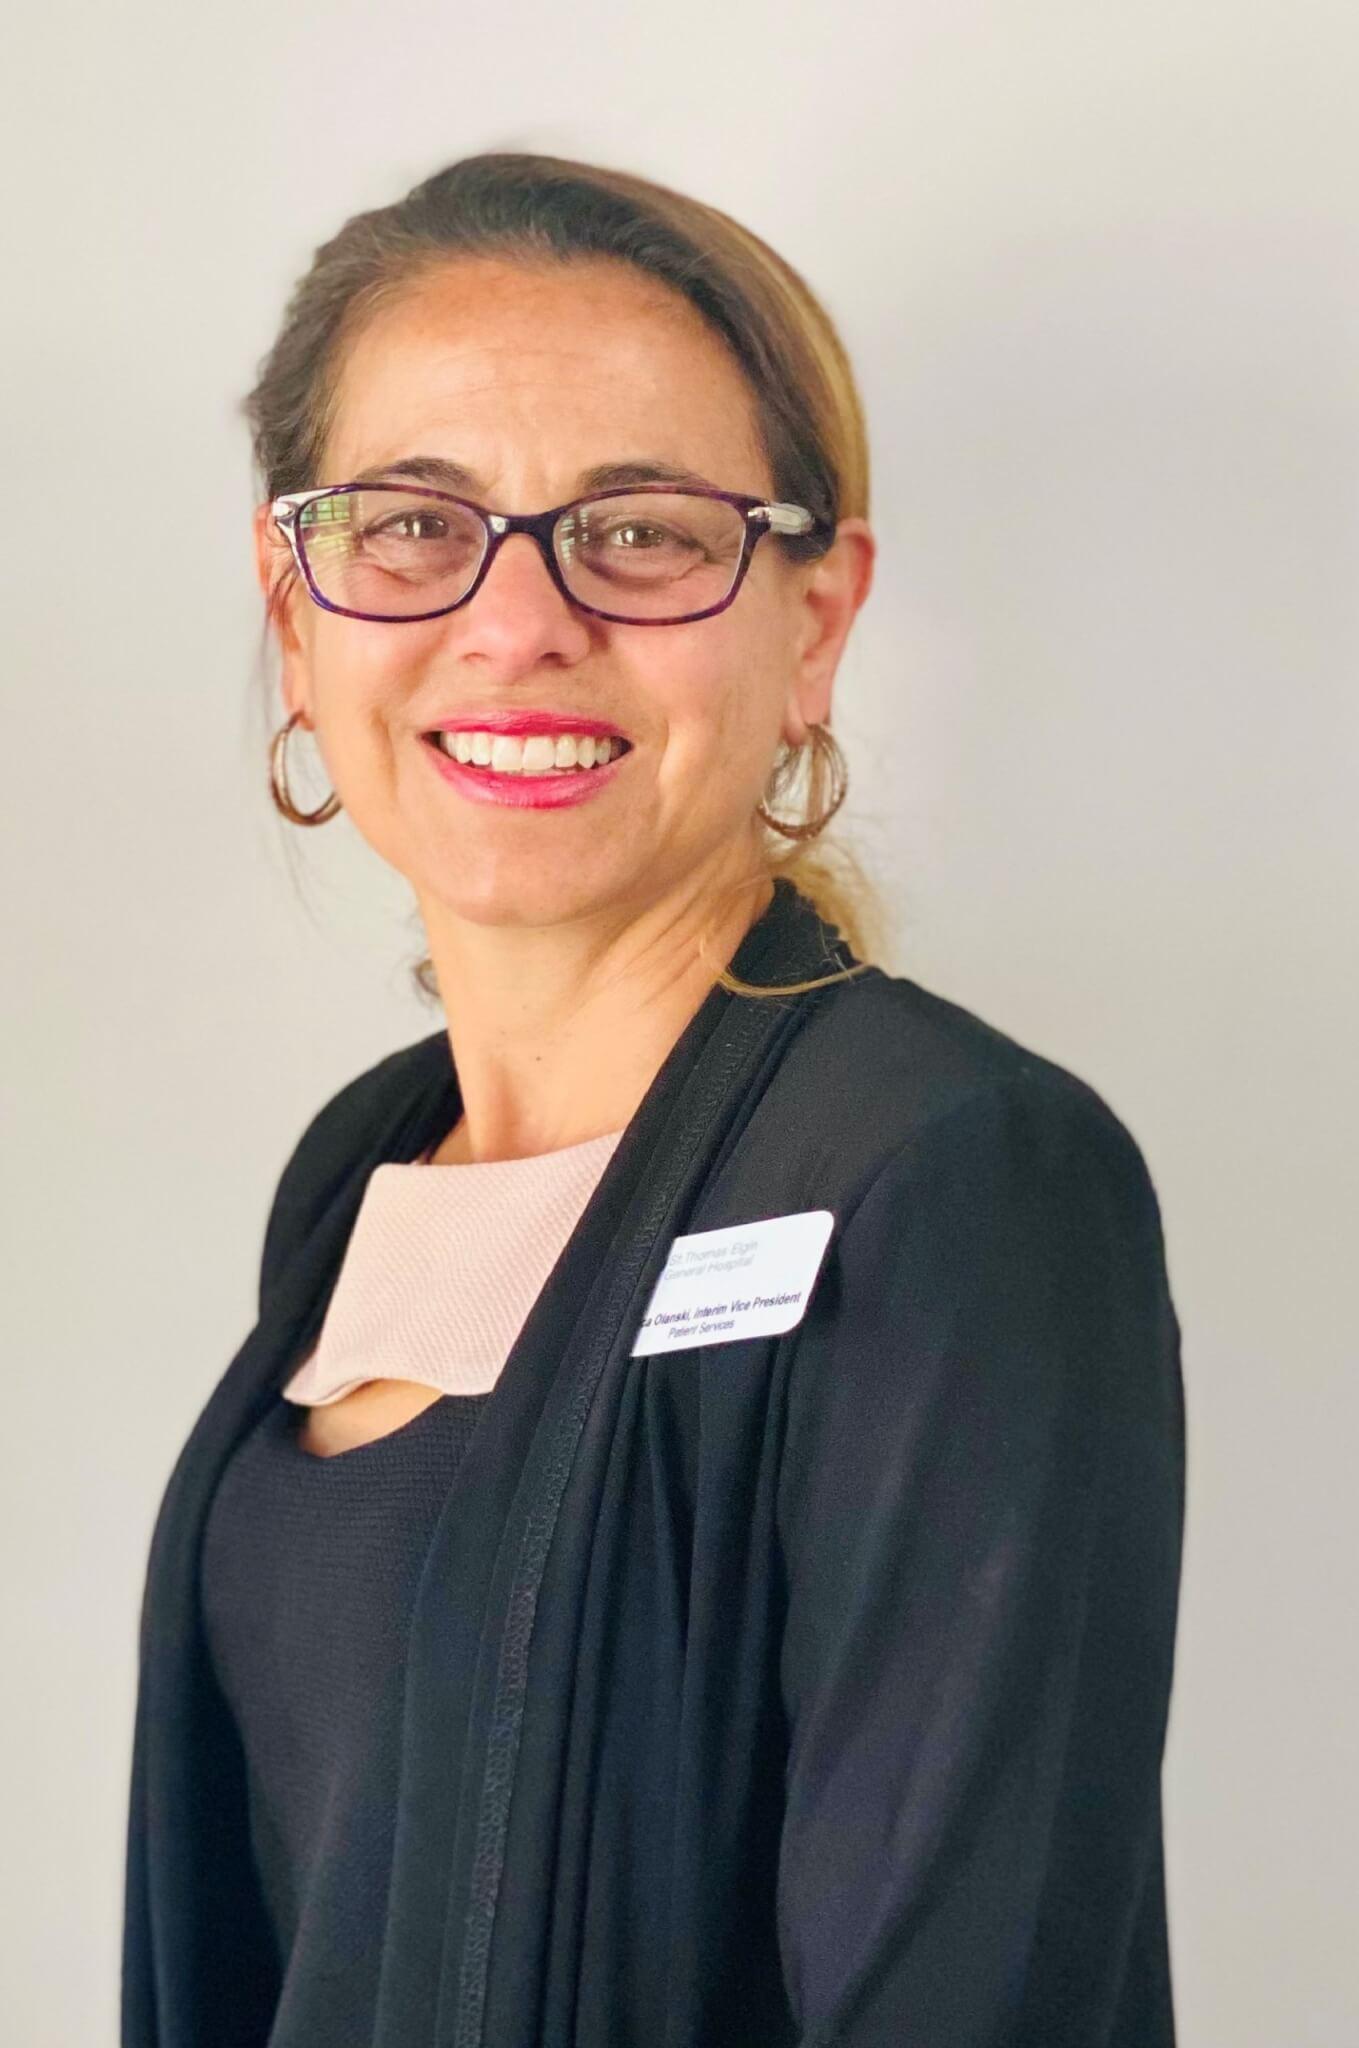 Monica Olanski